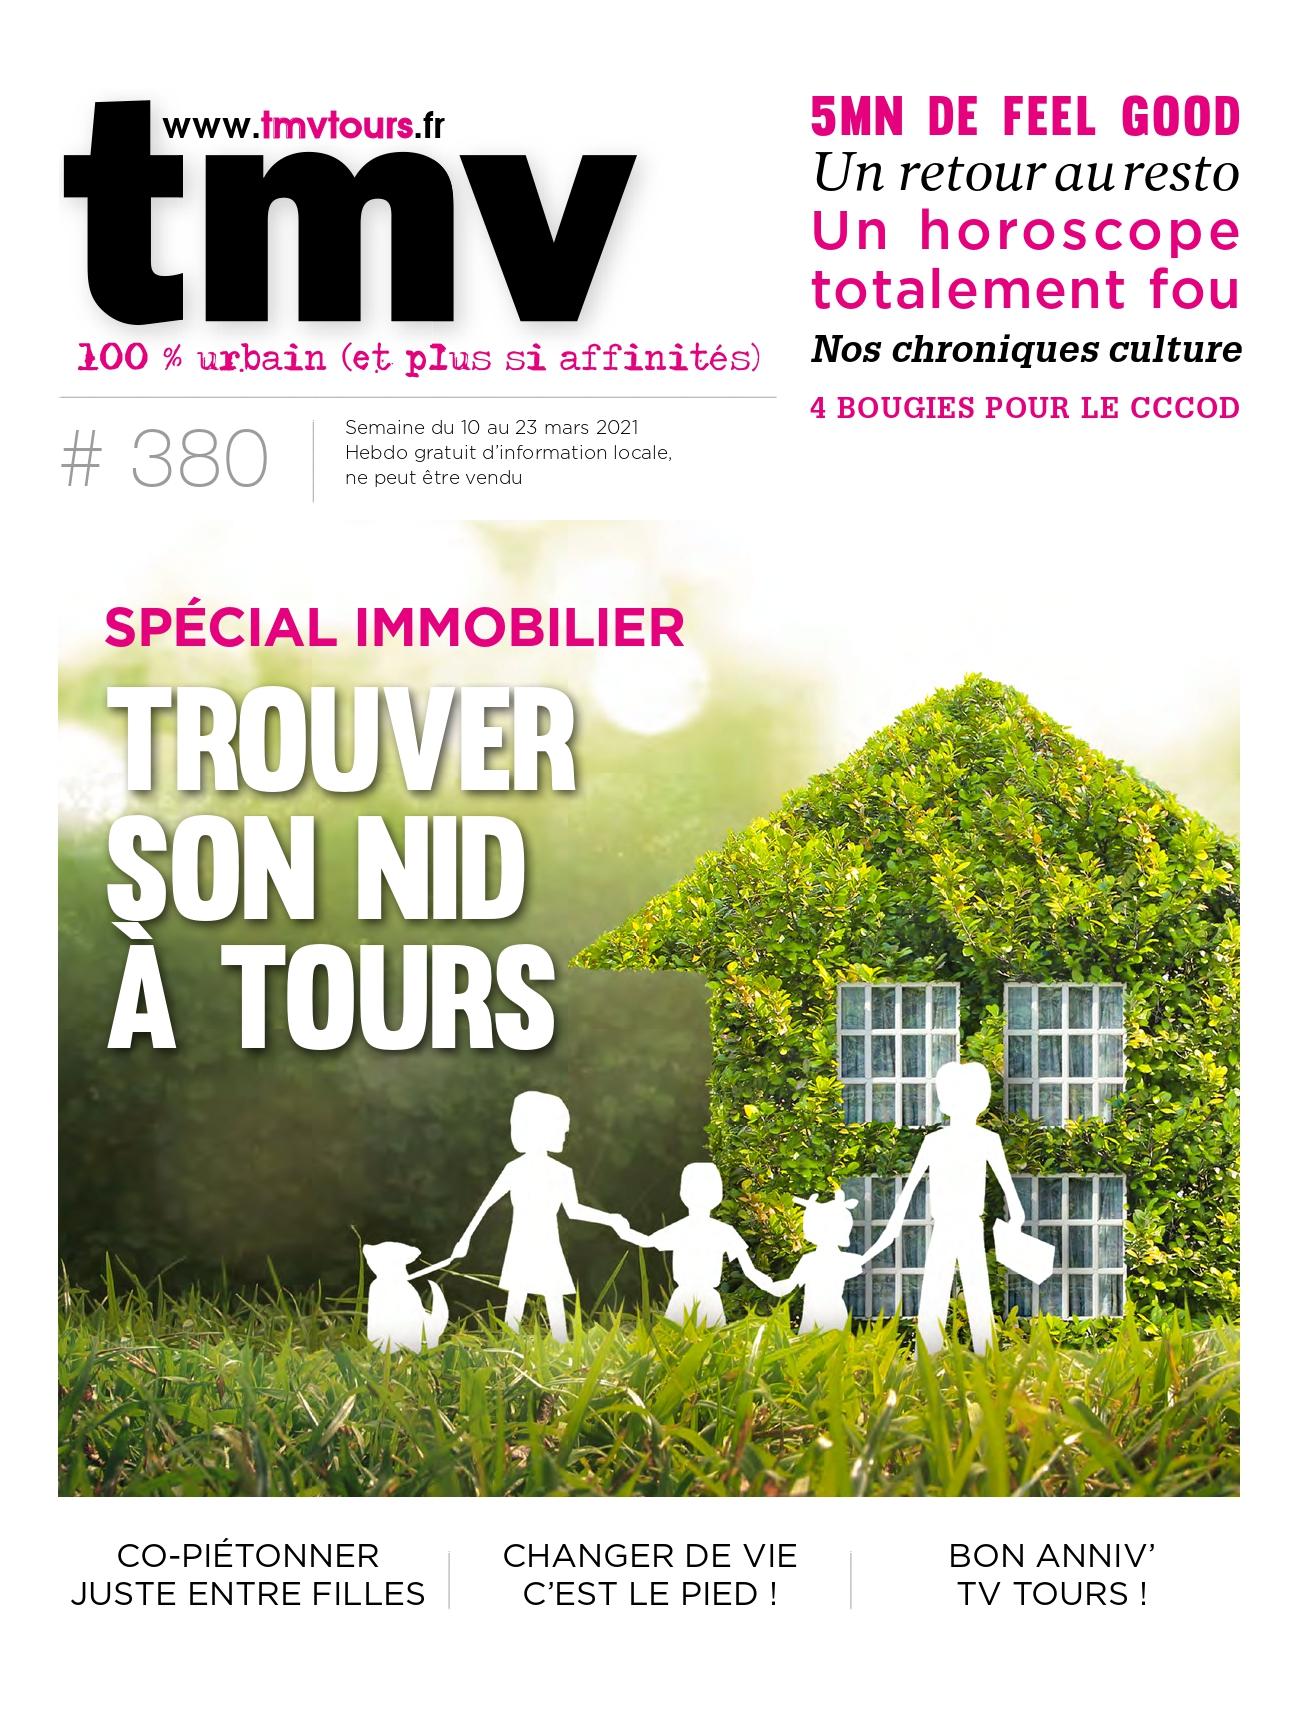 TMV Tours